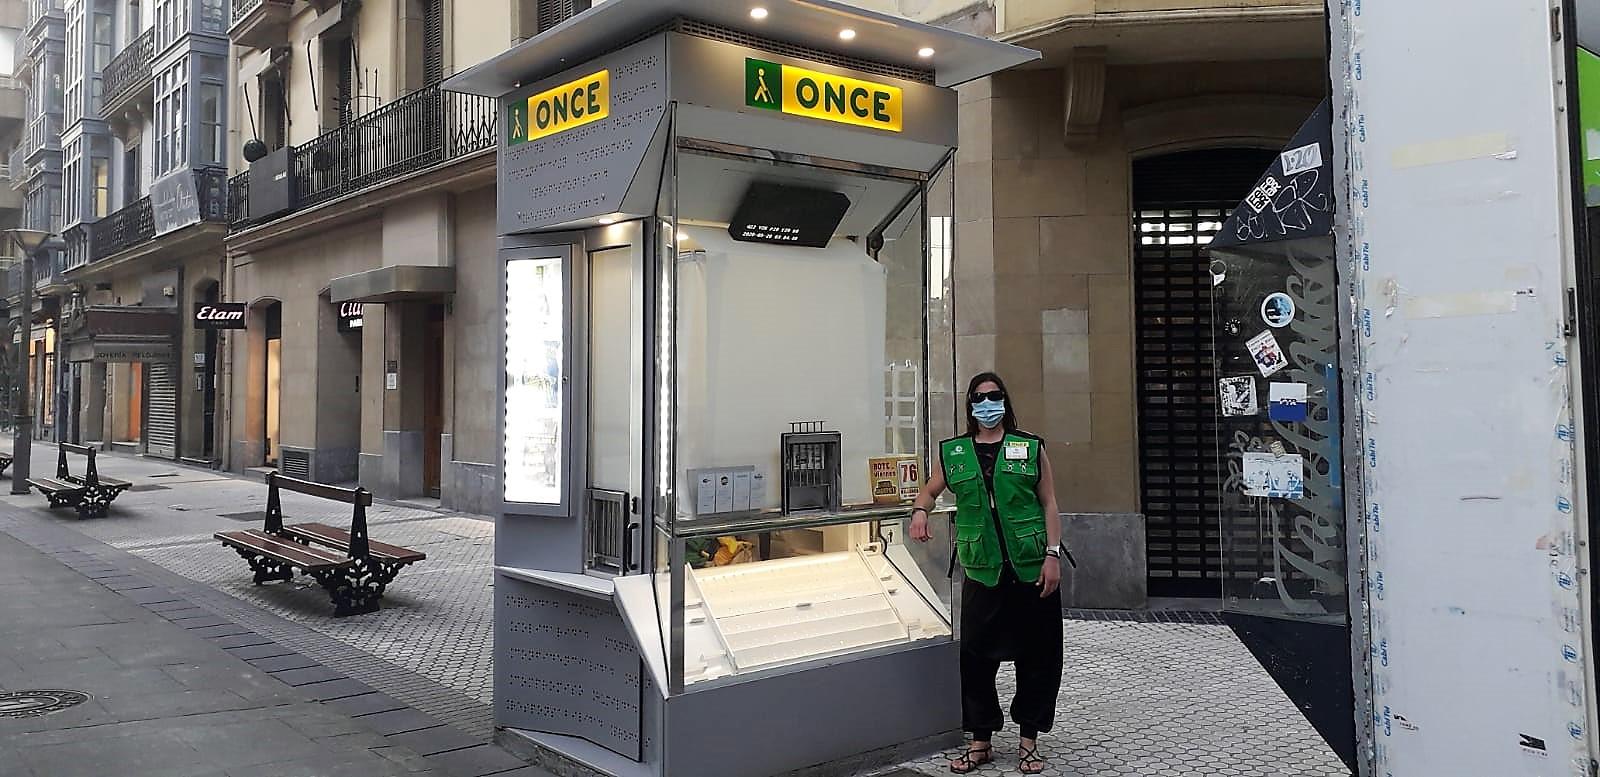 La vendedora Maider Santesteban en el quiosco situado en la calle Loiola. Foto: ONCE